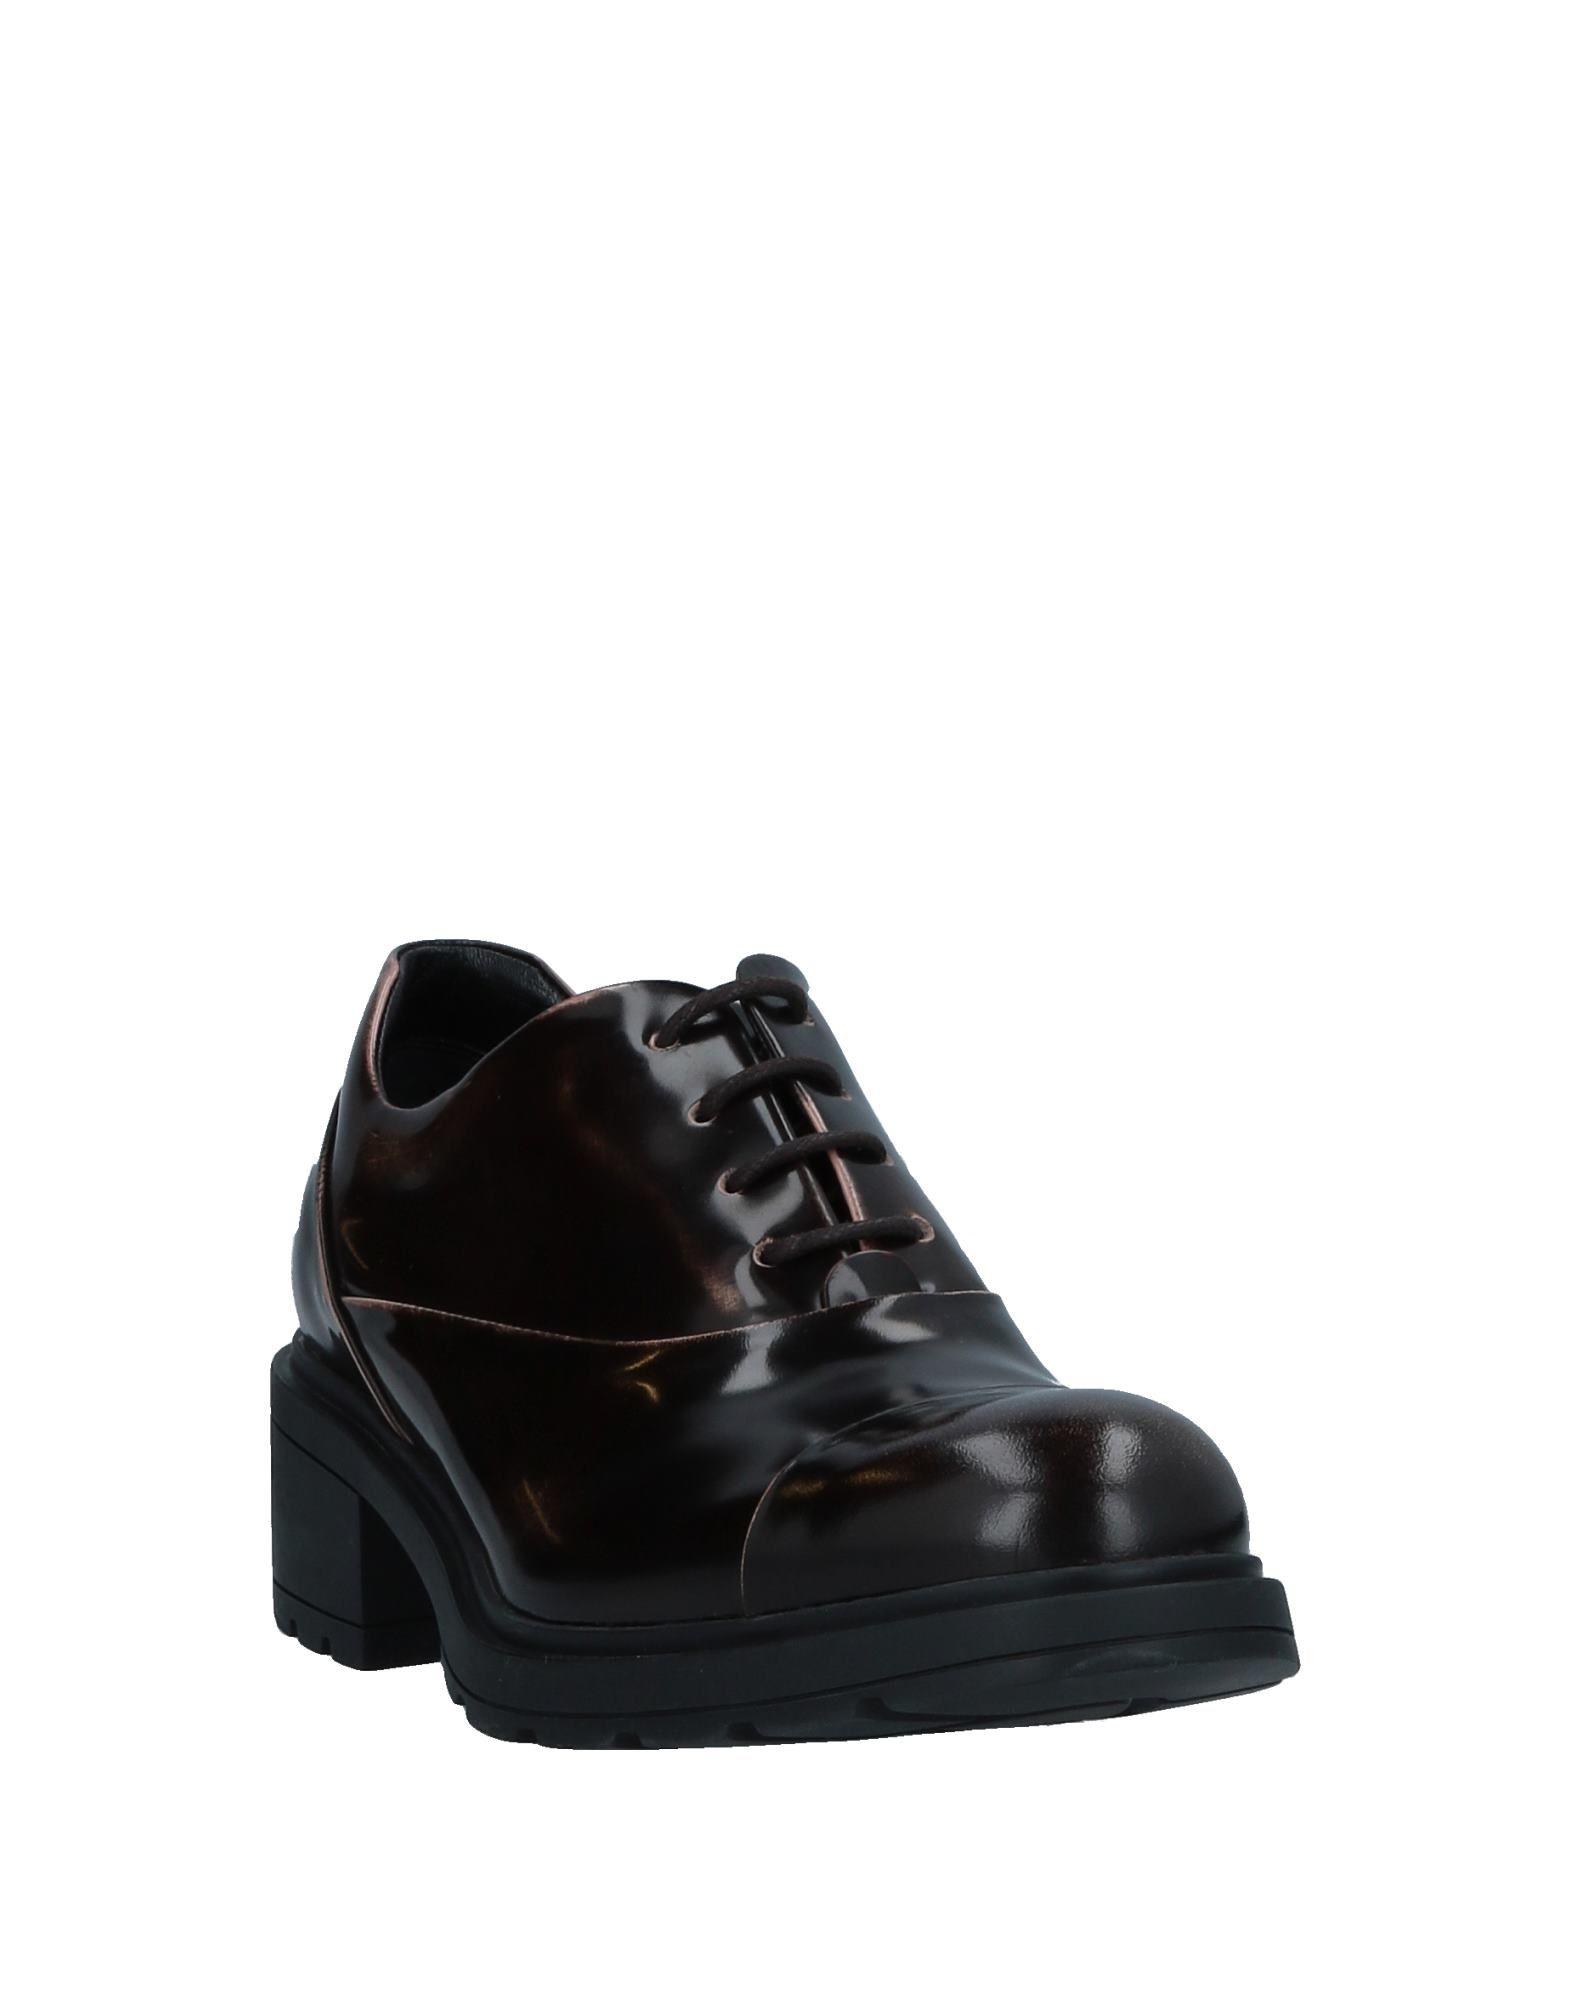 Hogan Schnürschuhe Damen  11202966DOGut aussehende strapazierfähige Schuhe